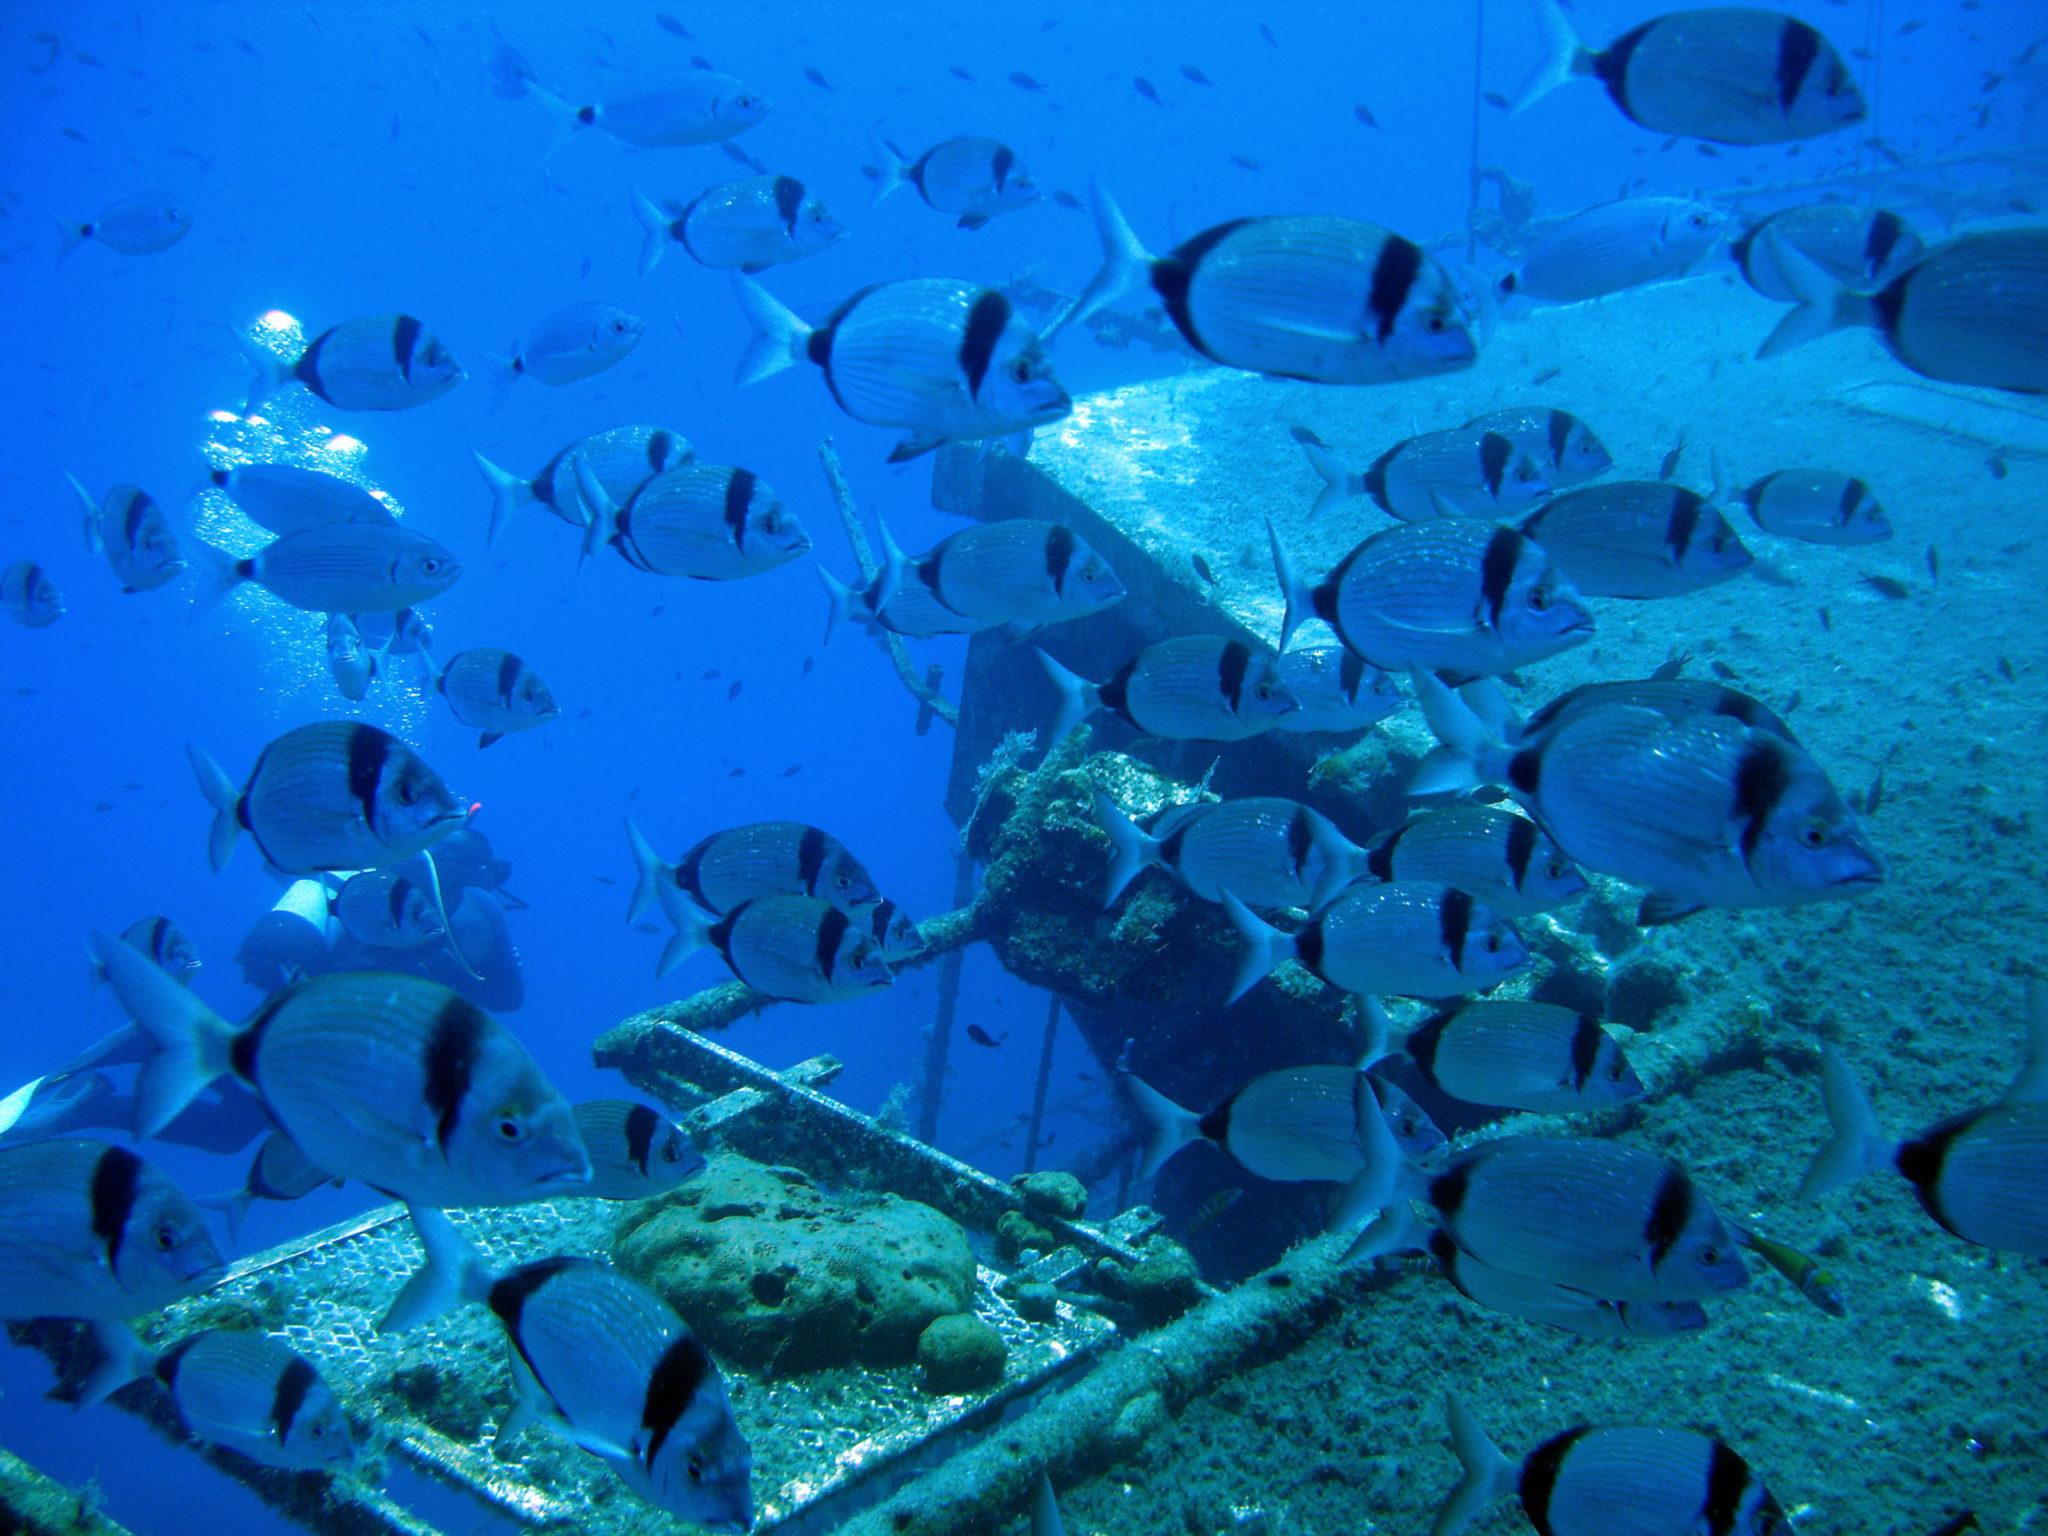 Double Paphos Scuba Diving Trip